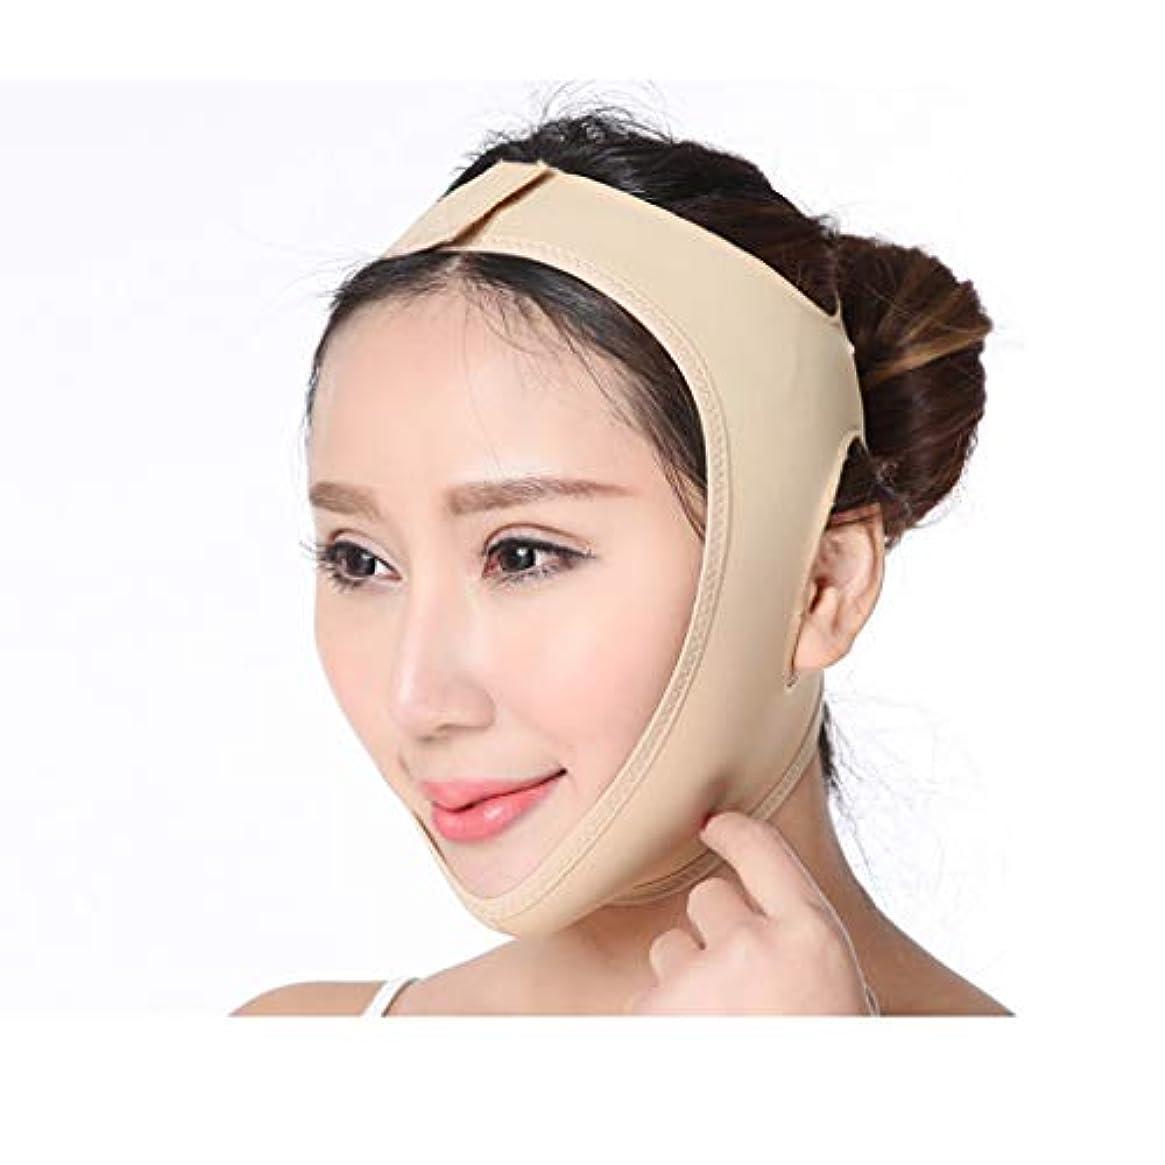 欲望守銭奴期待して顔リフティング包帯 V 顔楽器顔マスク顔リフティング引き締め